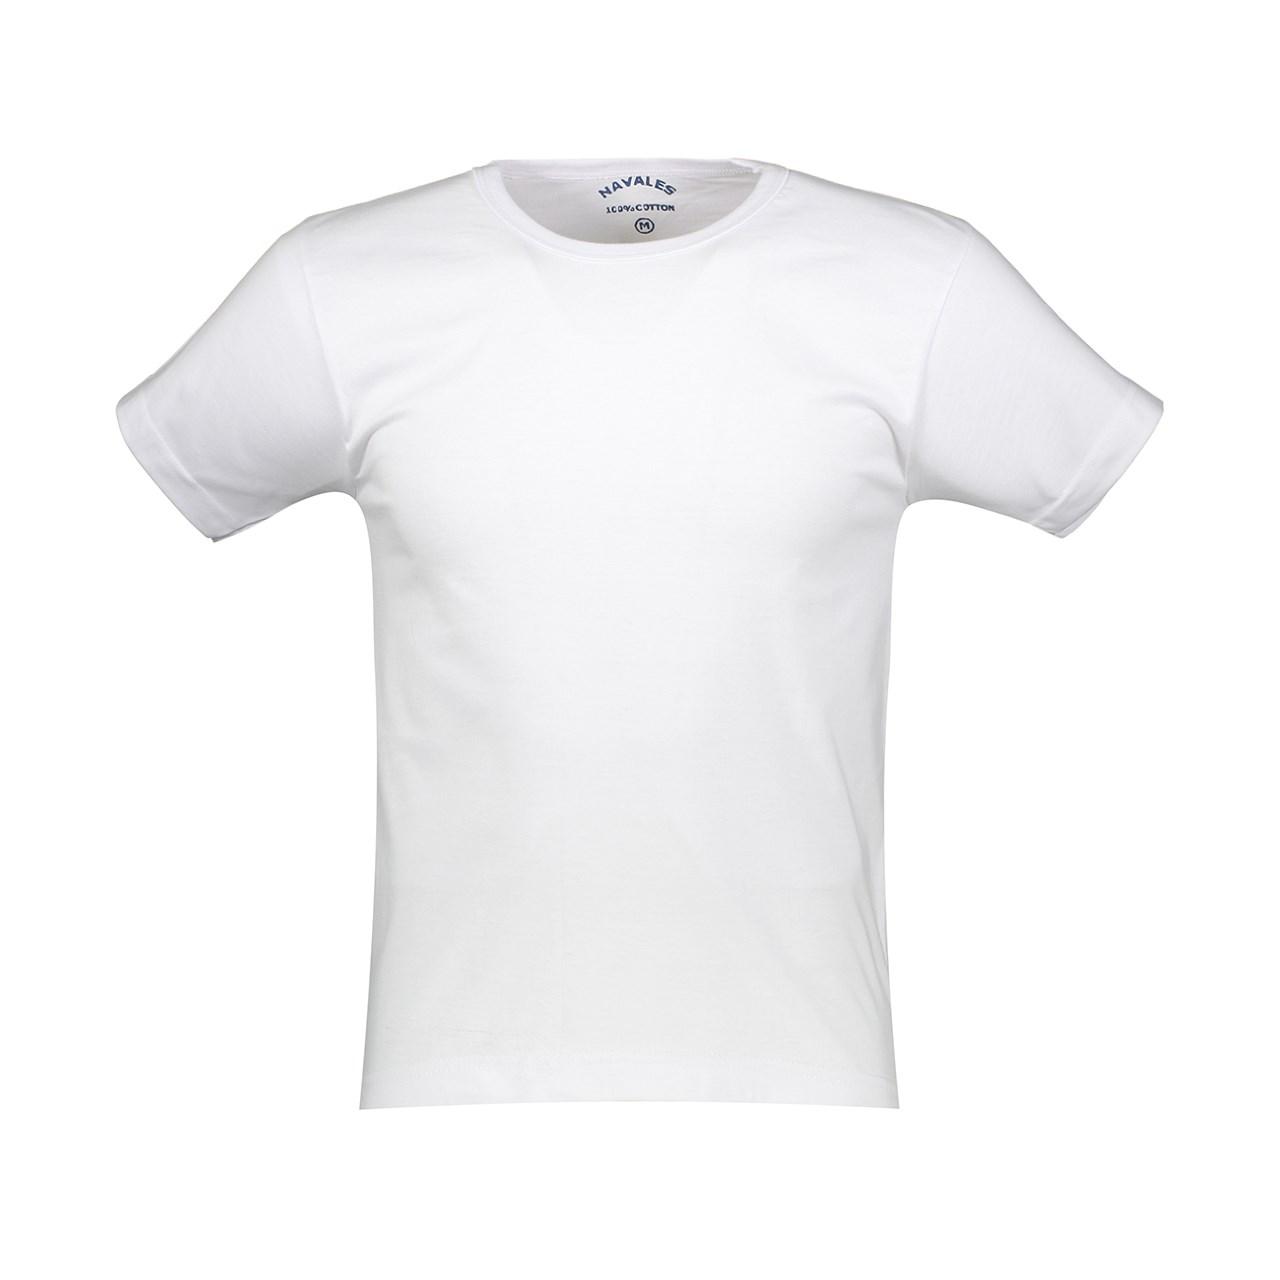 تی شرت مردانه ناوالس کدmx200WH